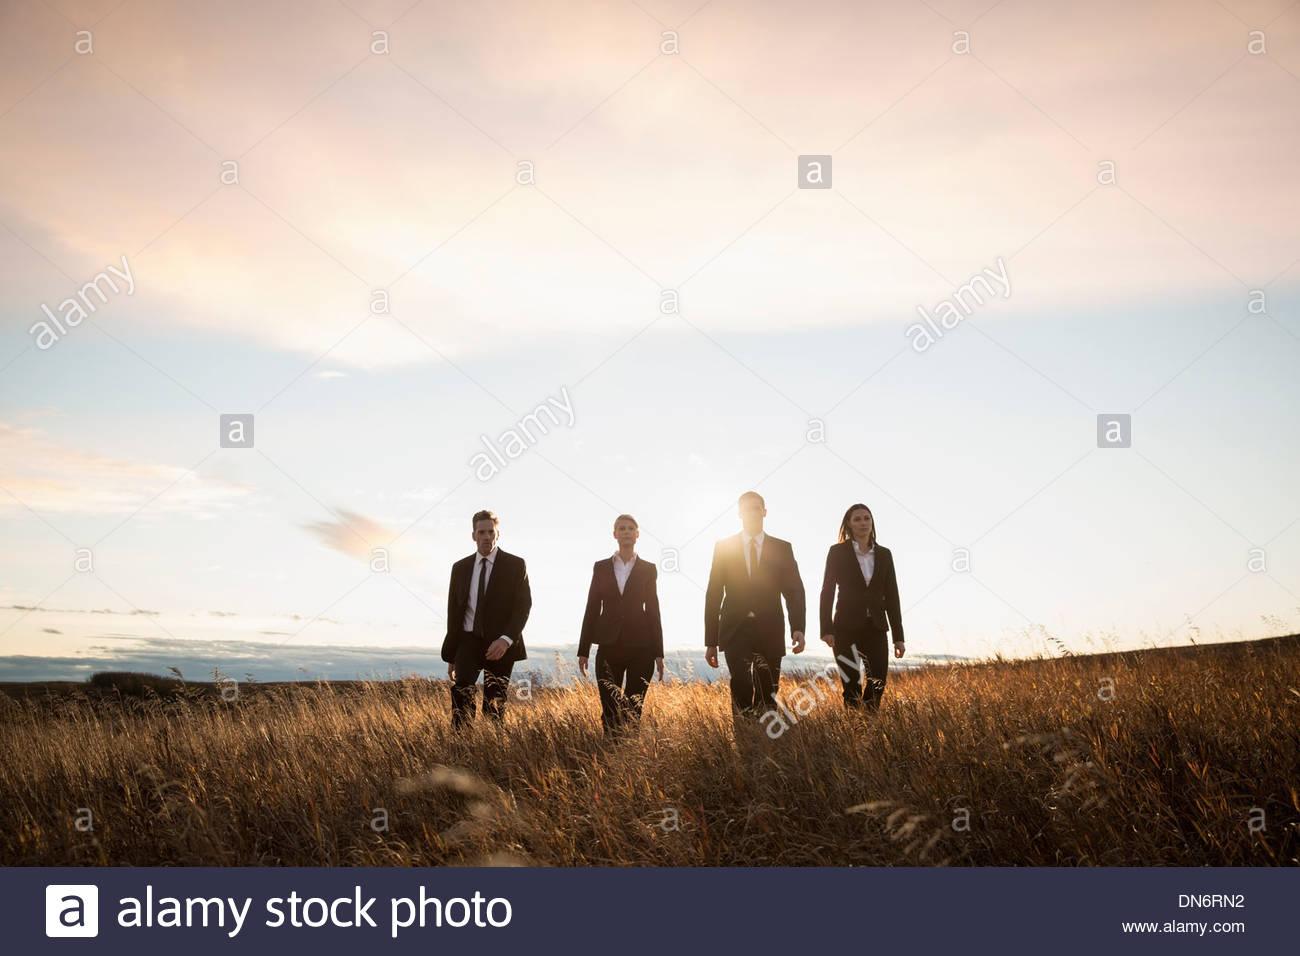 Confía en la gente de negocios para caminar juntos por el campo Imagen De Stock